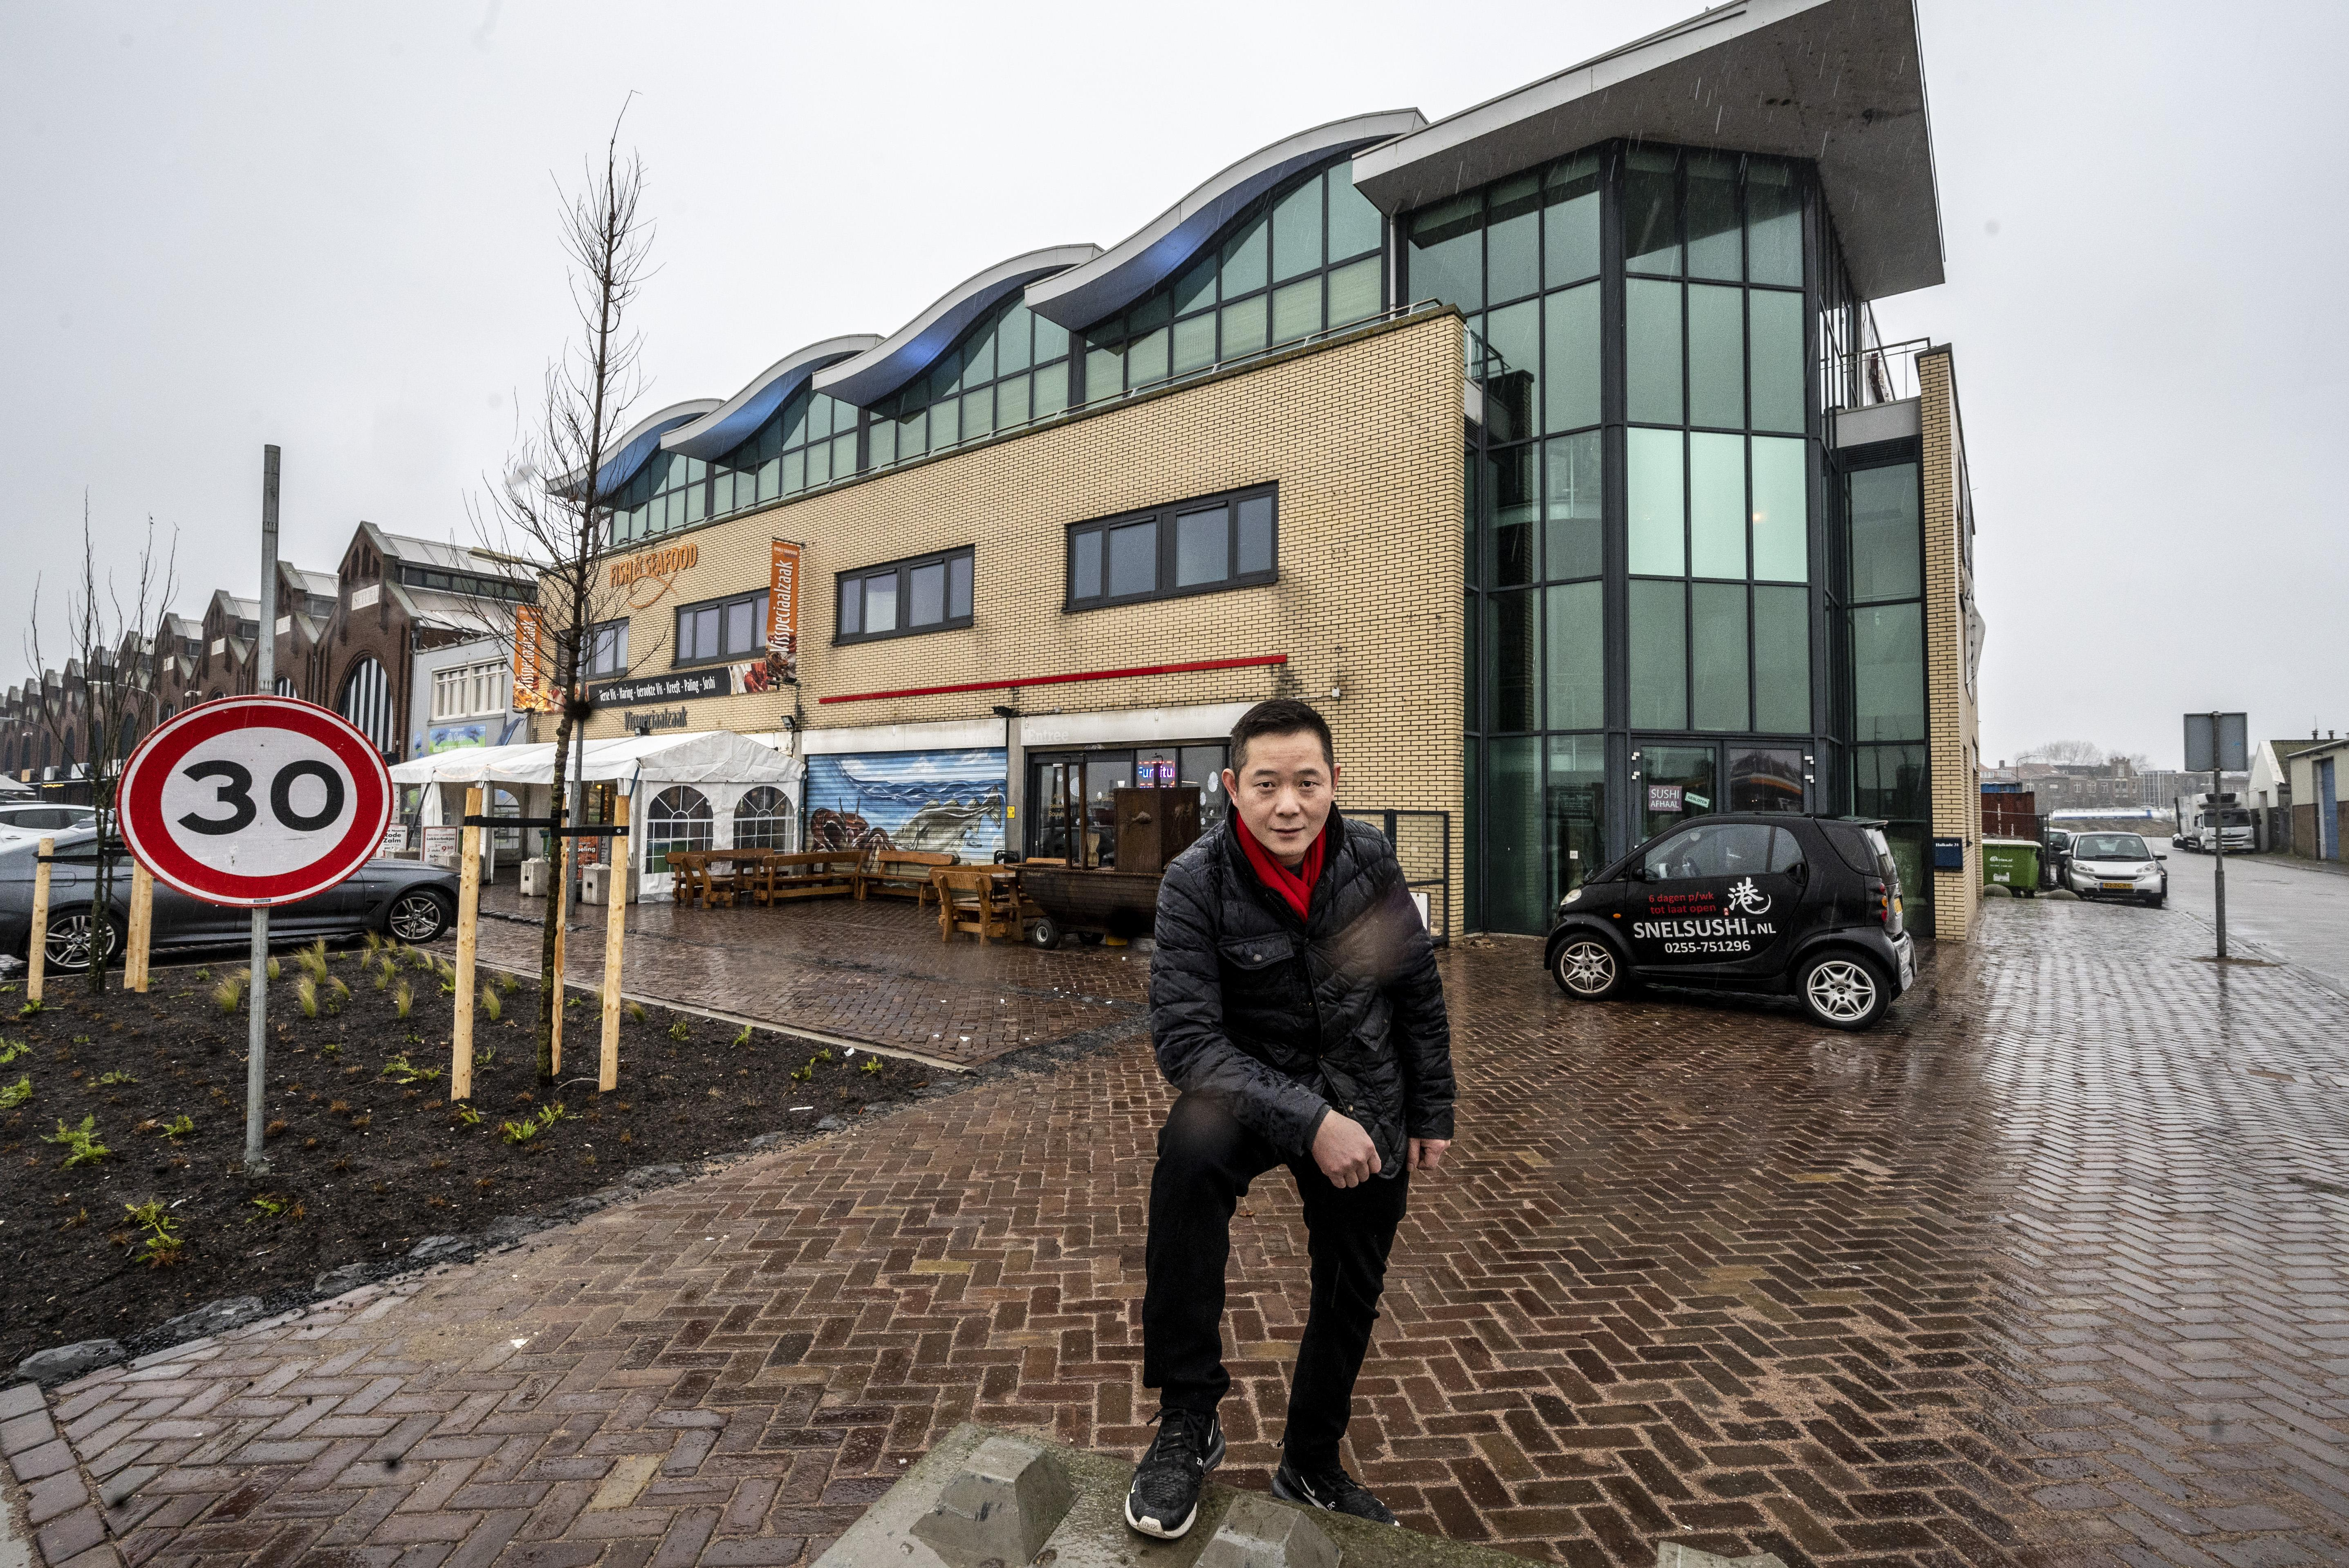 Harbour Hotel IJmuiden hoopt komend voorjaar open te gaan: 'Er is nog ruimte in IJmuiden voor een hotel als dat van mij'